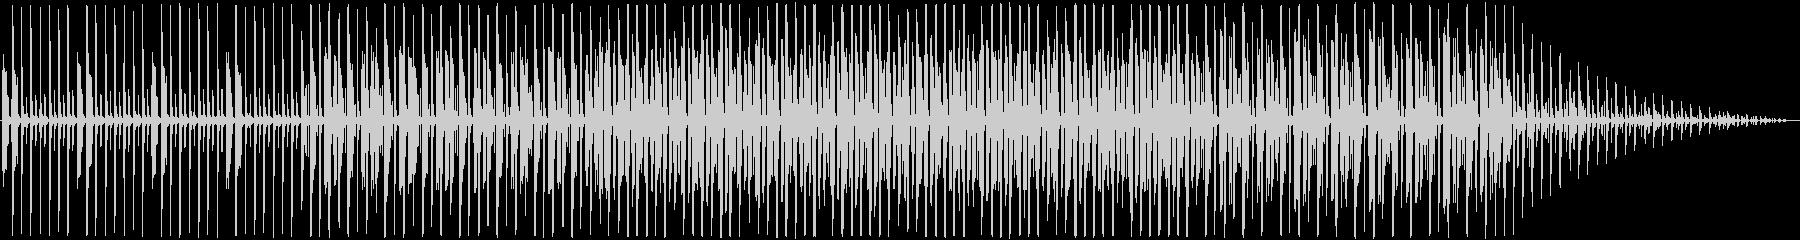 プログレッシブハウス。インディー。の未再生の波形